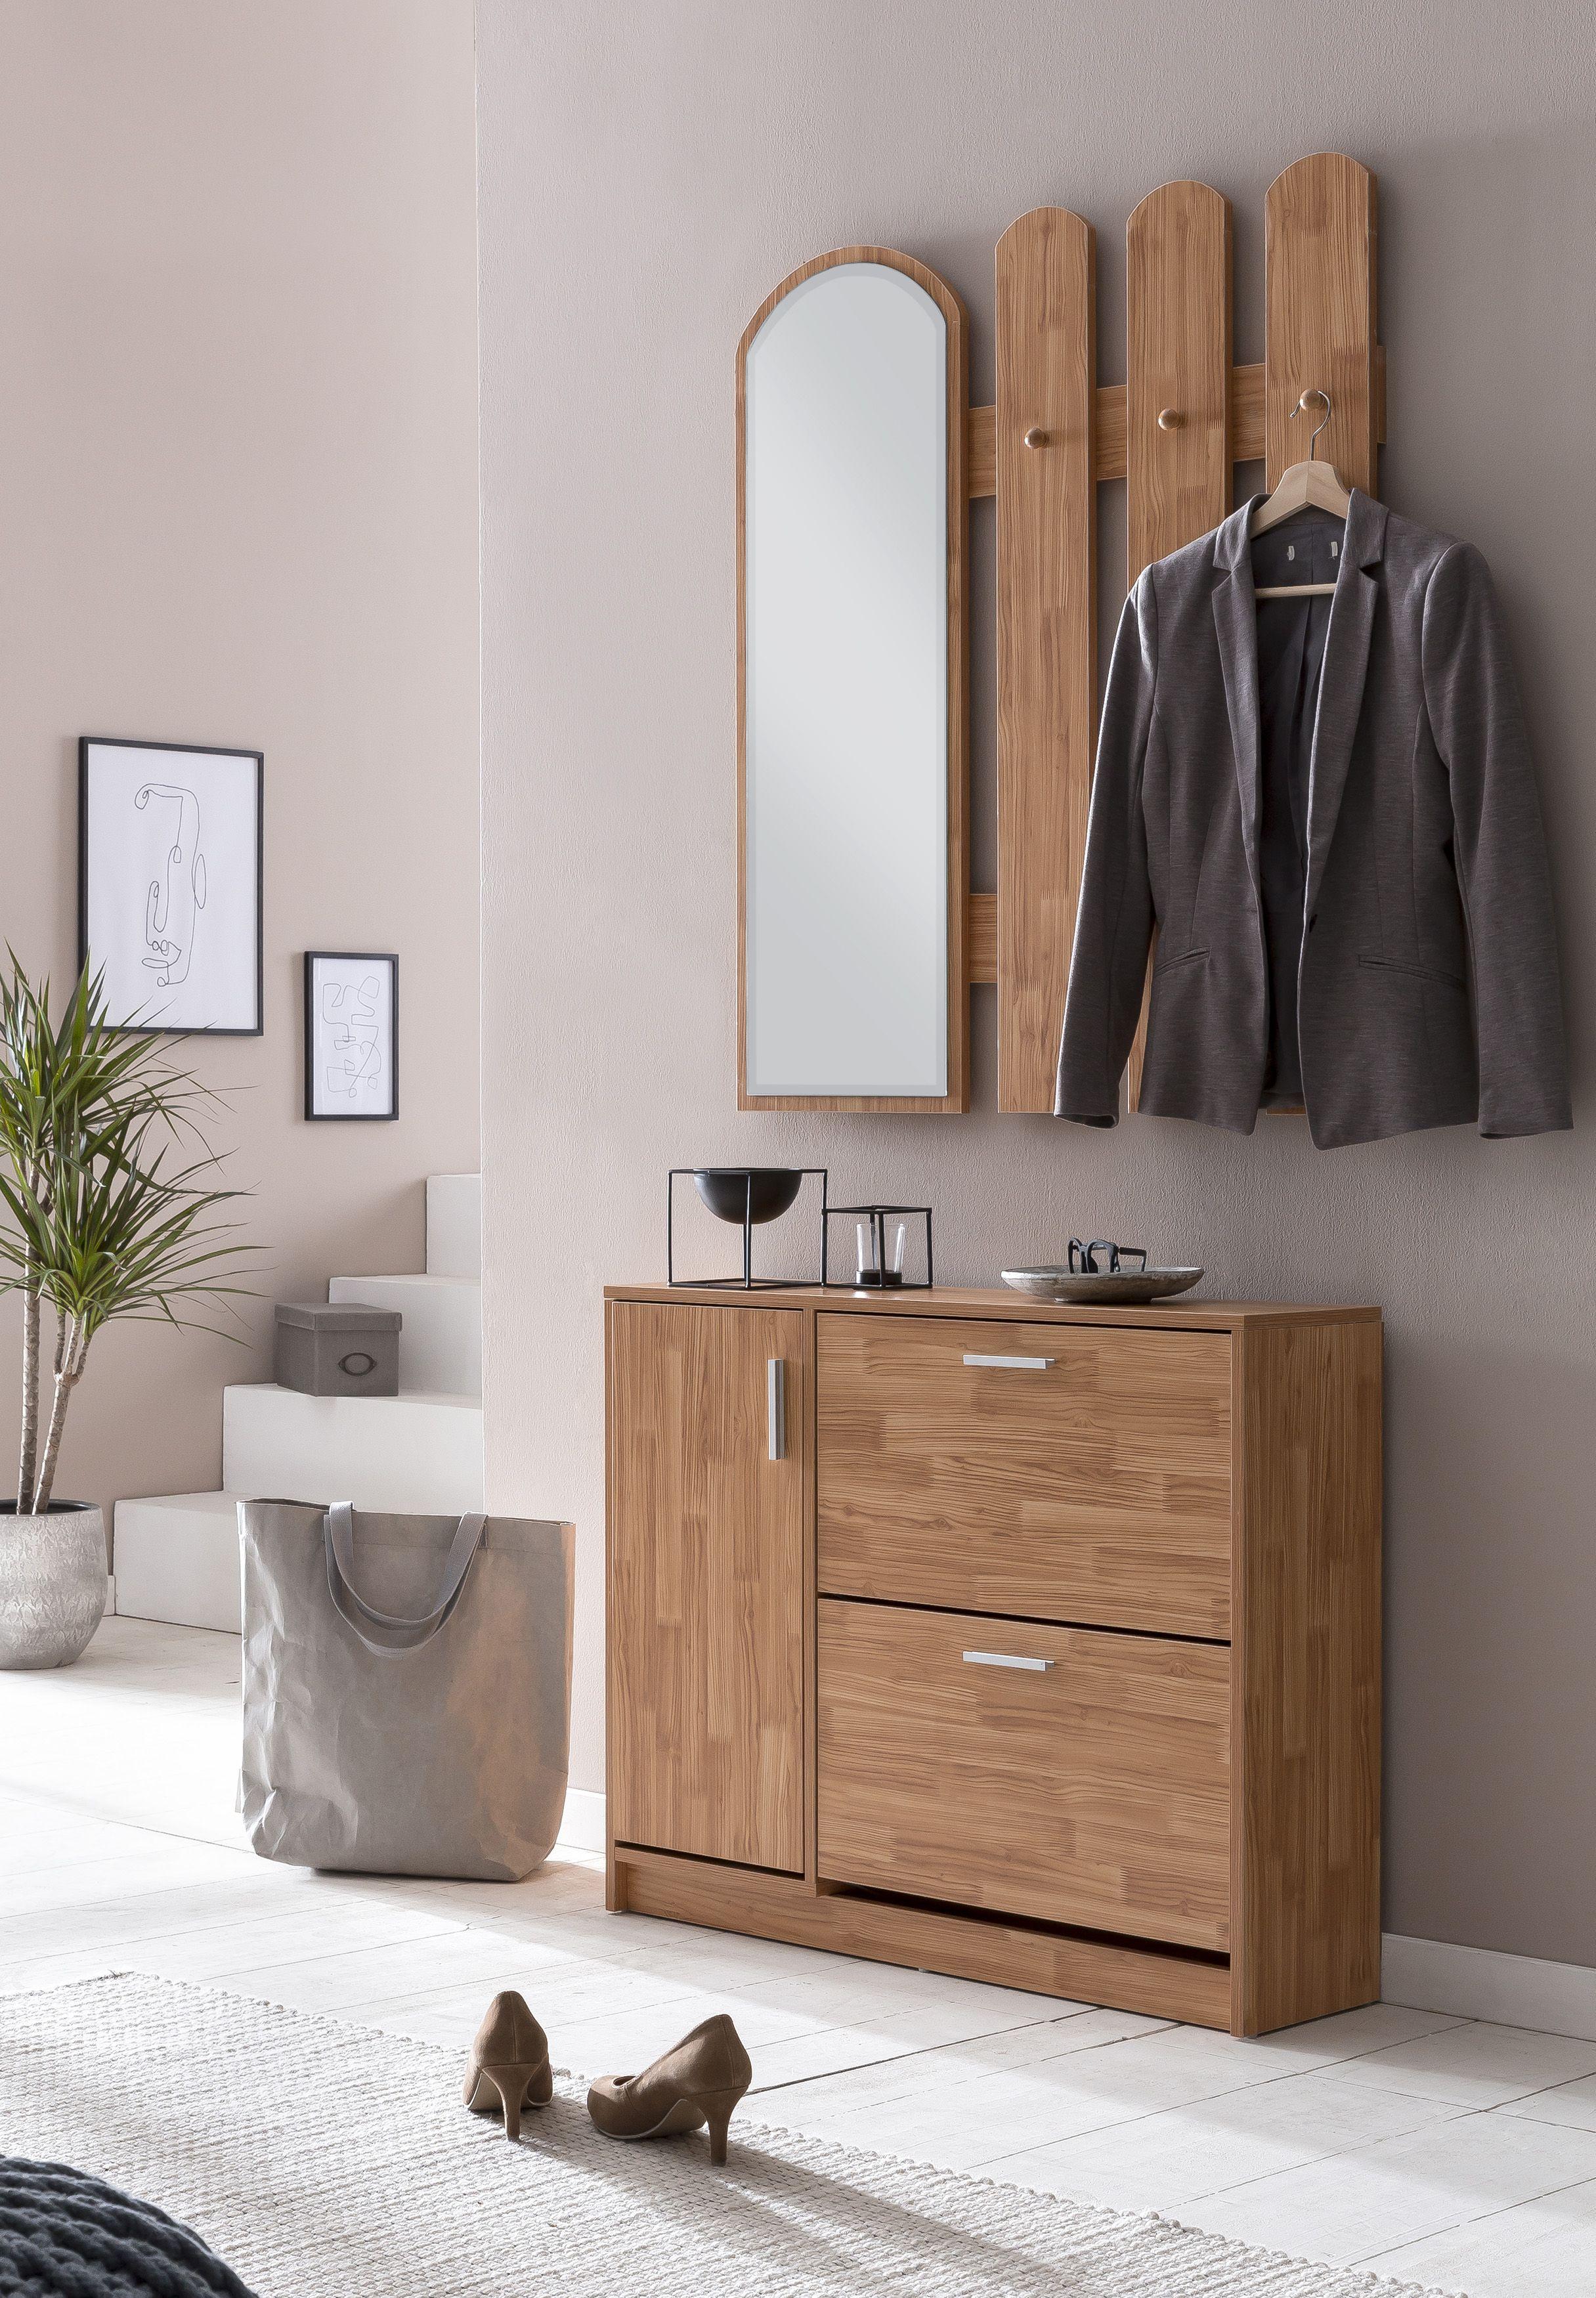 Wohnling Garderobe In Buche Wl5 820 Aus Melaminharzbeschichteter Spanplatte Wardrobe